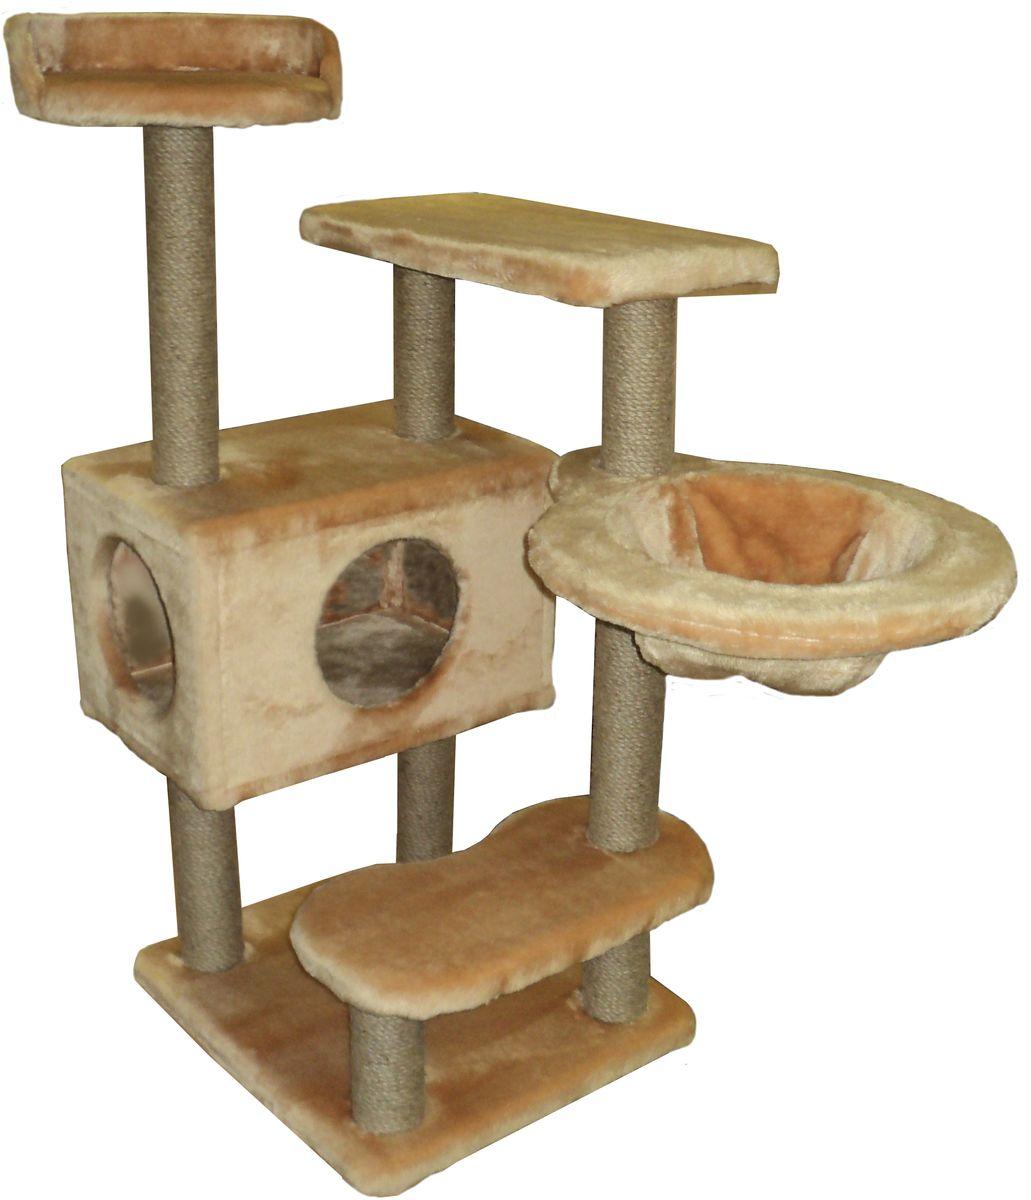 Игровой комплекс для кошек ЛапкинДом Барсик, с домиком, гамаком и когтеточкой, цвет: кремовый, 60 х 60 х 110 смБДКЕ4Игровой комплекс для кошек Барсик выполнен из высококачественного ДСП и обтянут искусственным мехом. Все горизонтальные полки под мехом, для большего комфорта питомца, проложены поролоном. Гамак выполнен из высококачественной толстостенной фанеры и выдерживает значительные нагрузки.